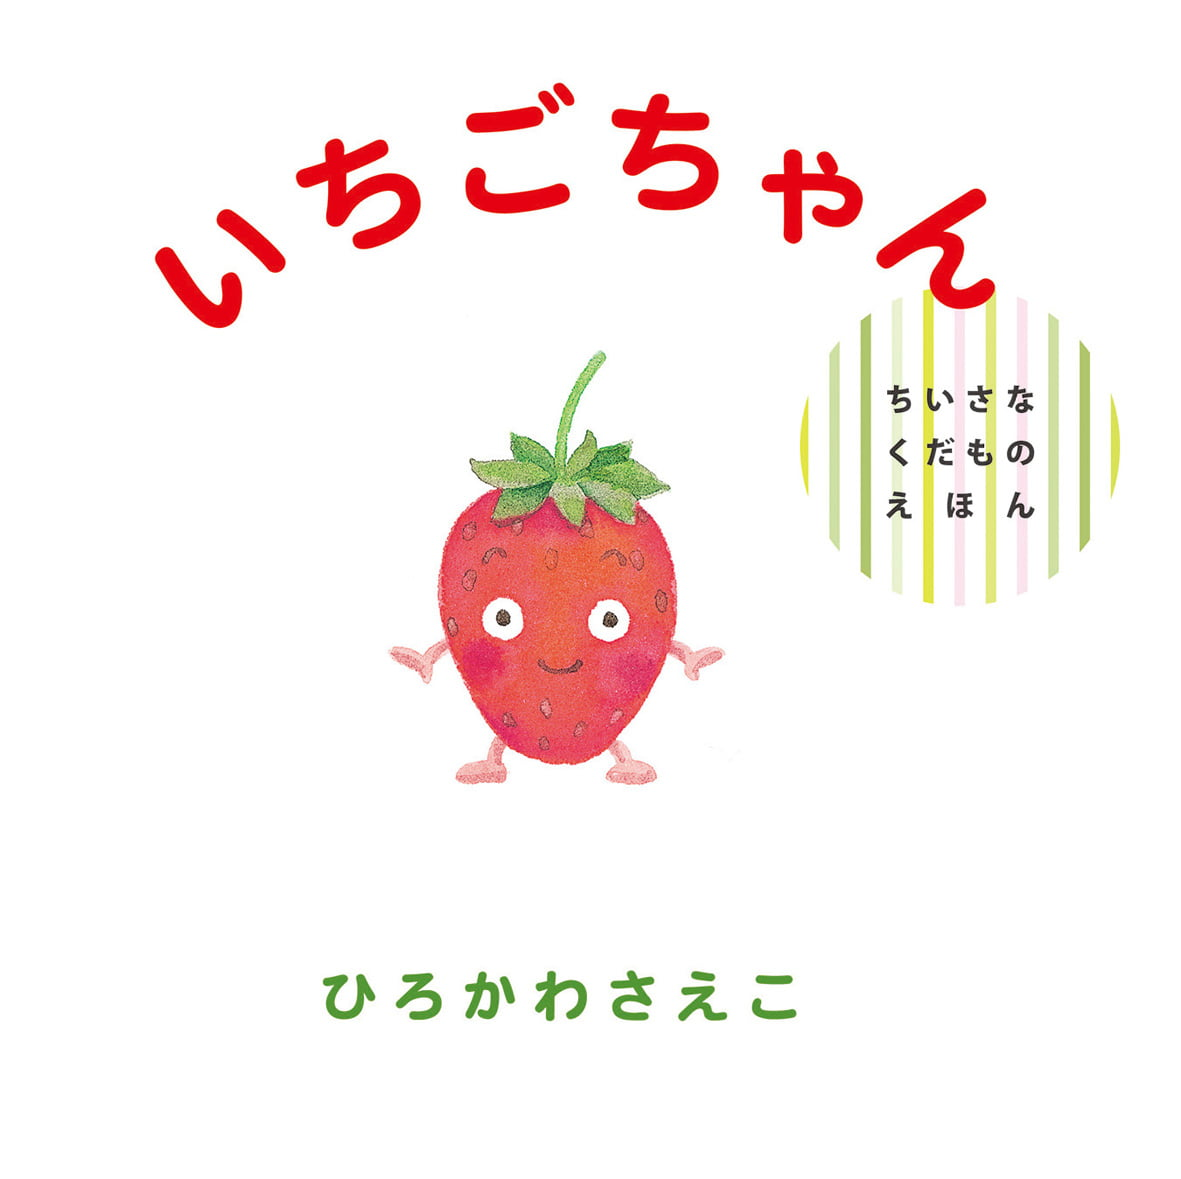 絵本「いちごちゃん」の表紙